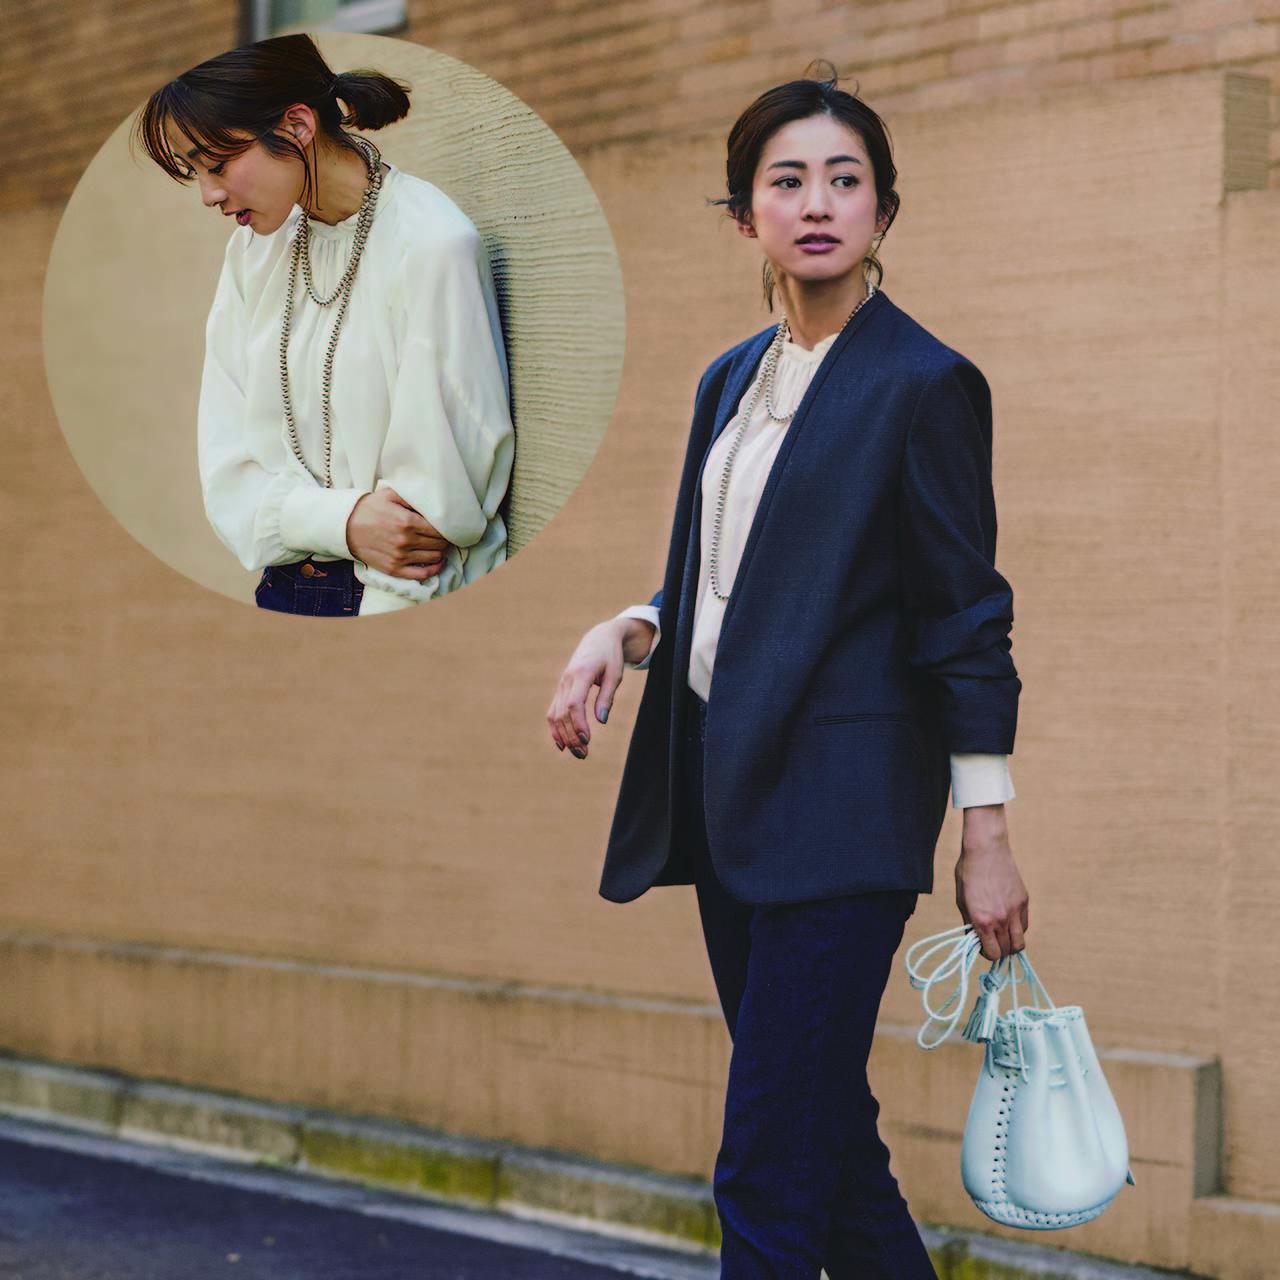 ブラウス×ジャケット×パンツのファッションコーデ